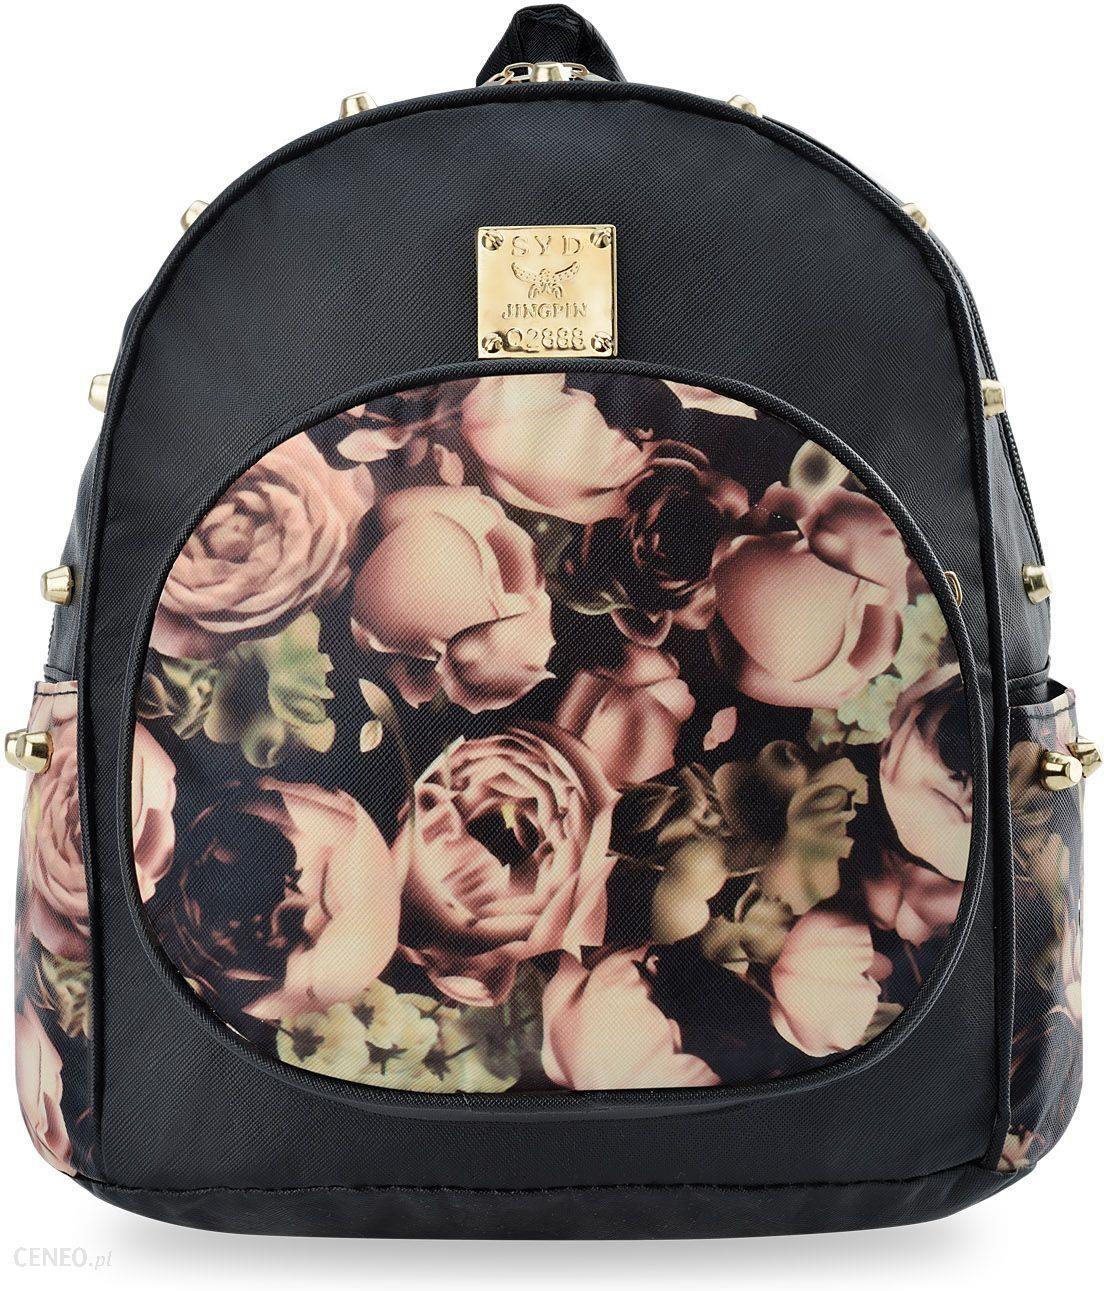 b577424731b9a Plecaczek damski z kwiatowym wzorem i rockowym akcentem miejski plecak  kwiaty ćwieki - czarny - zdjęcie